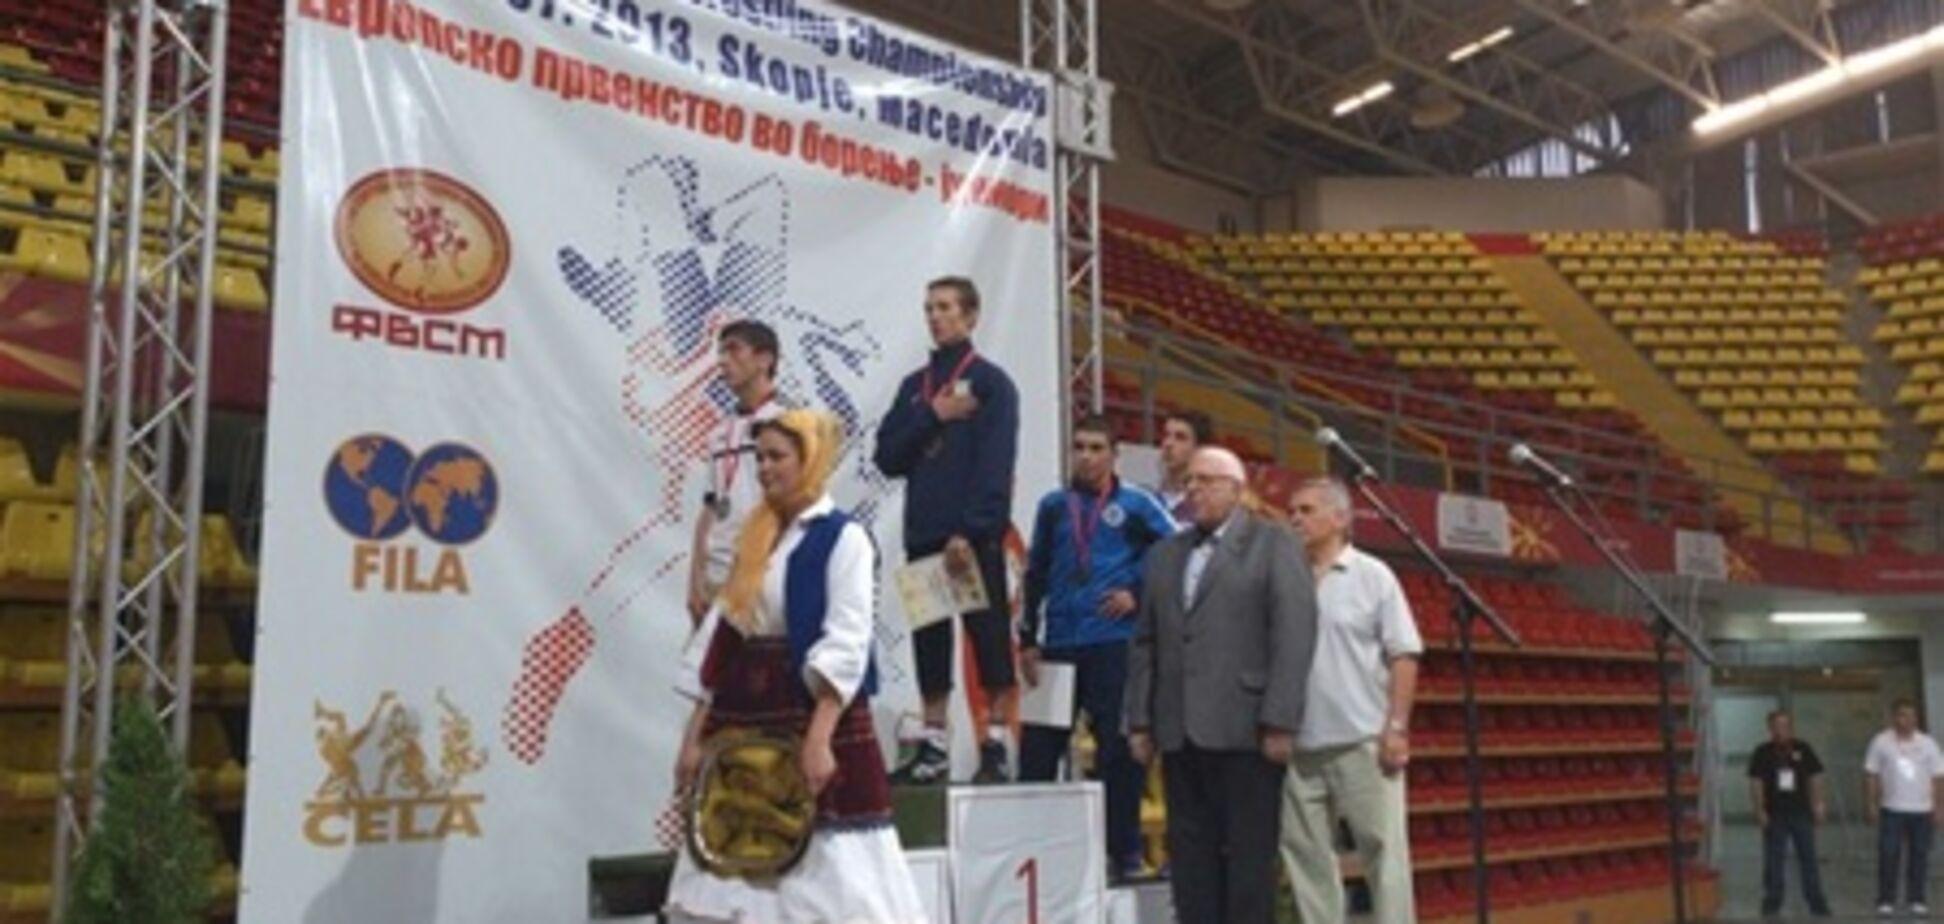 Вадим Кисель отметил чемпионов Европы по греко-римской борьбе